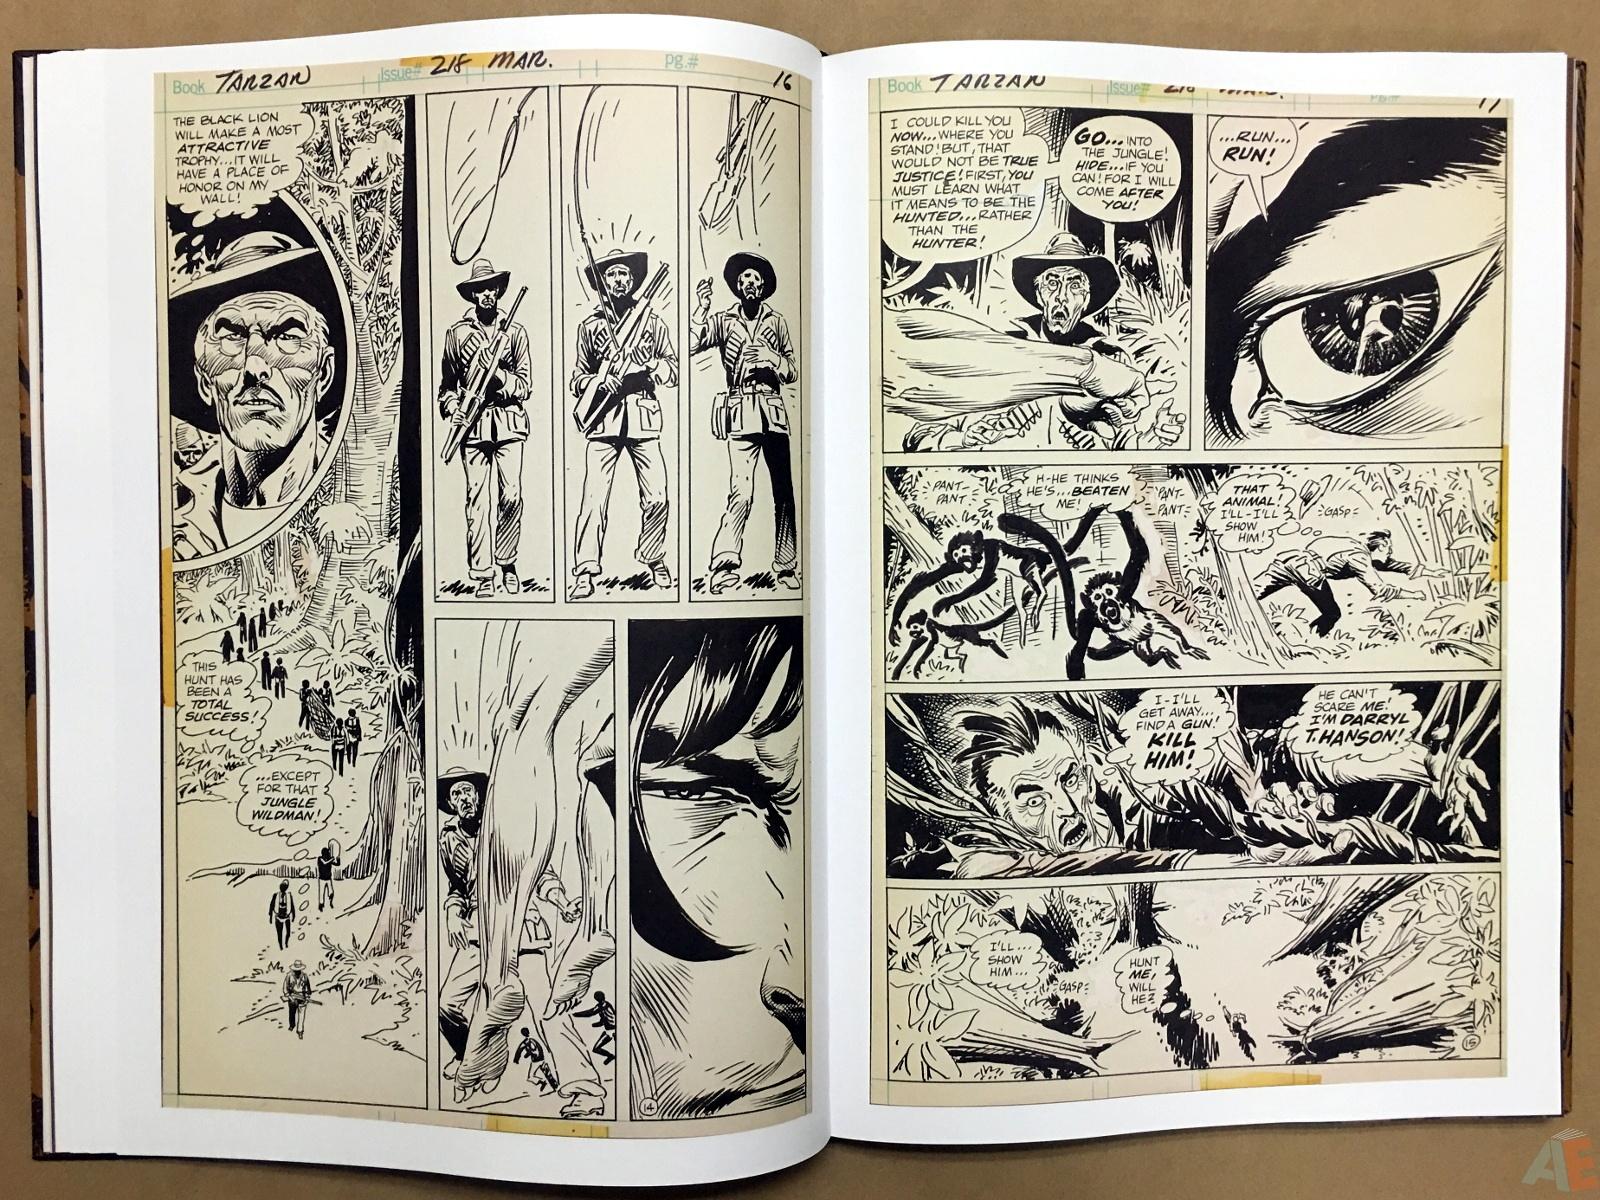 Joe Kubert's The Return Of Tarzan Artist's Edition 24